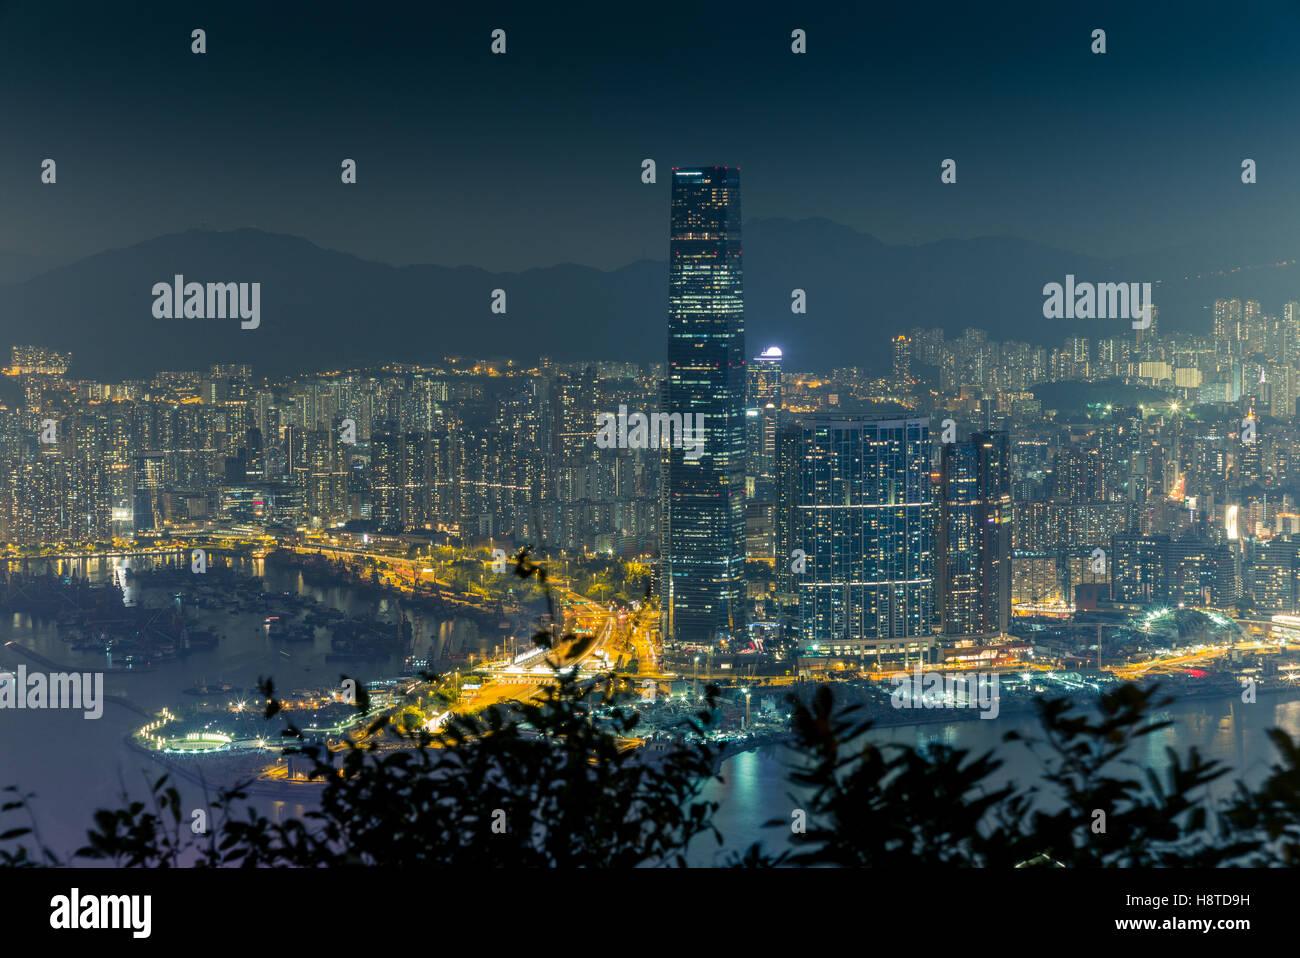 Luci e sullo skyline di Hong Kong centrale durante la notte - 5 Immagini Stock